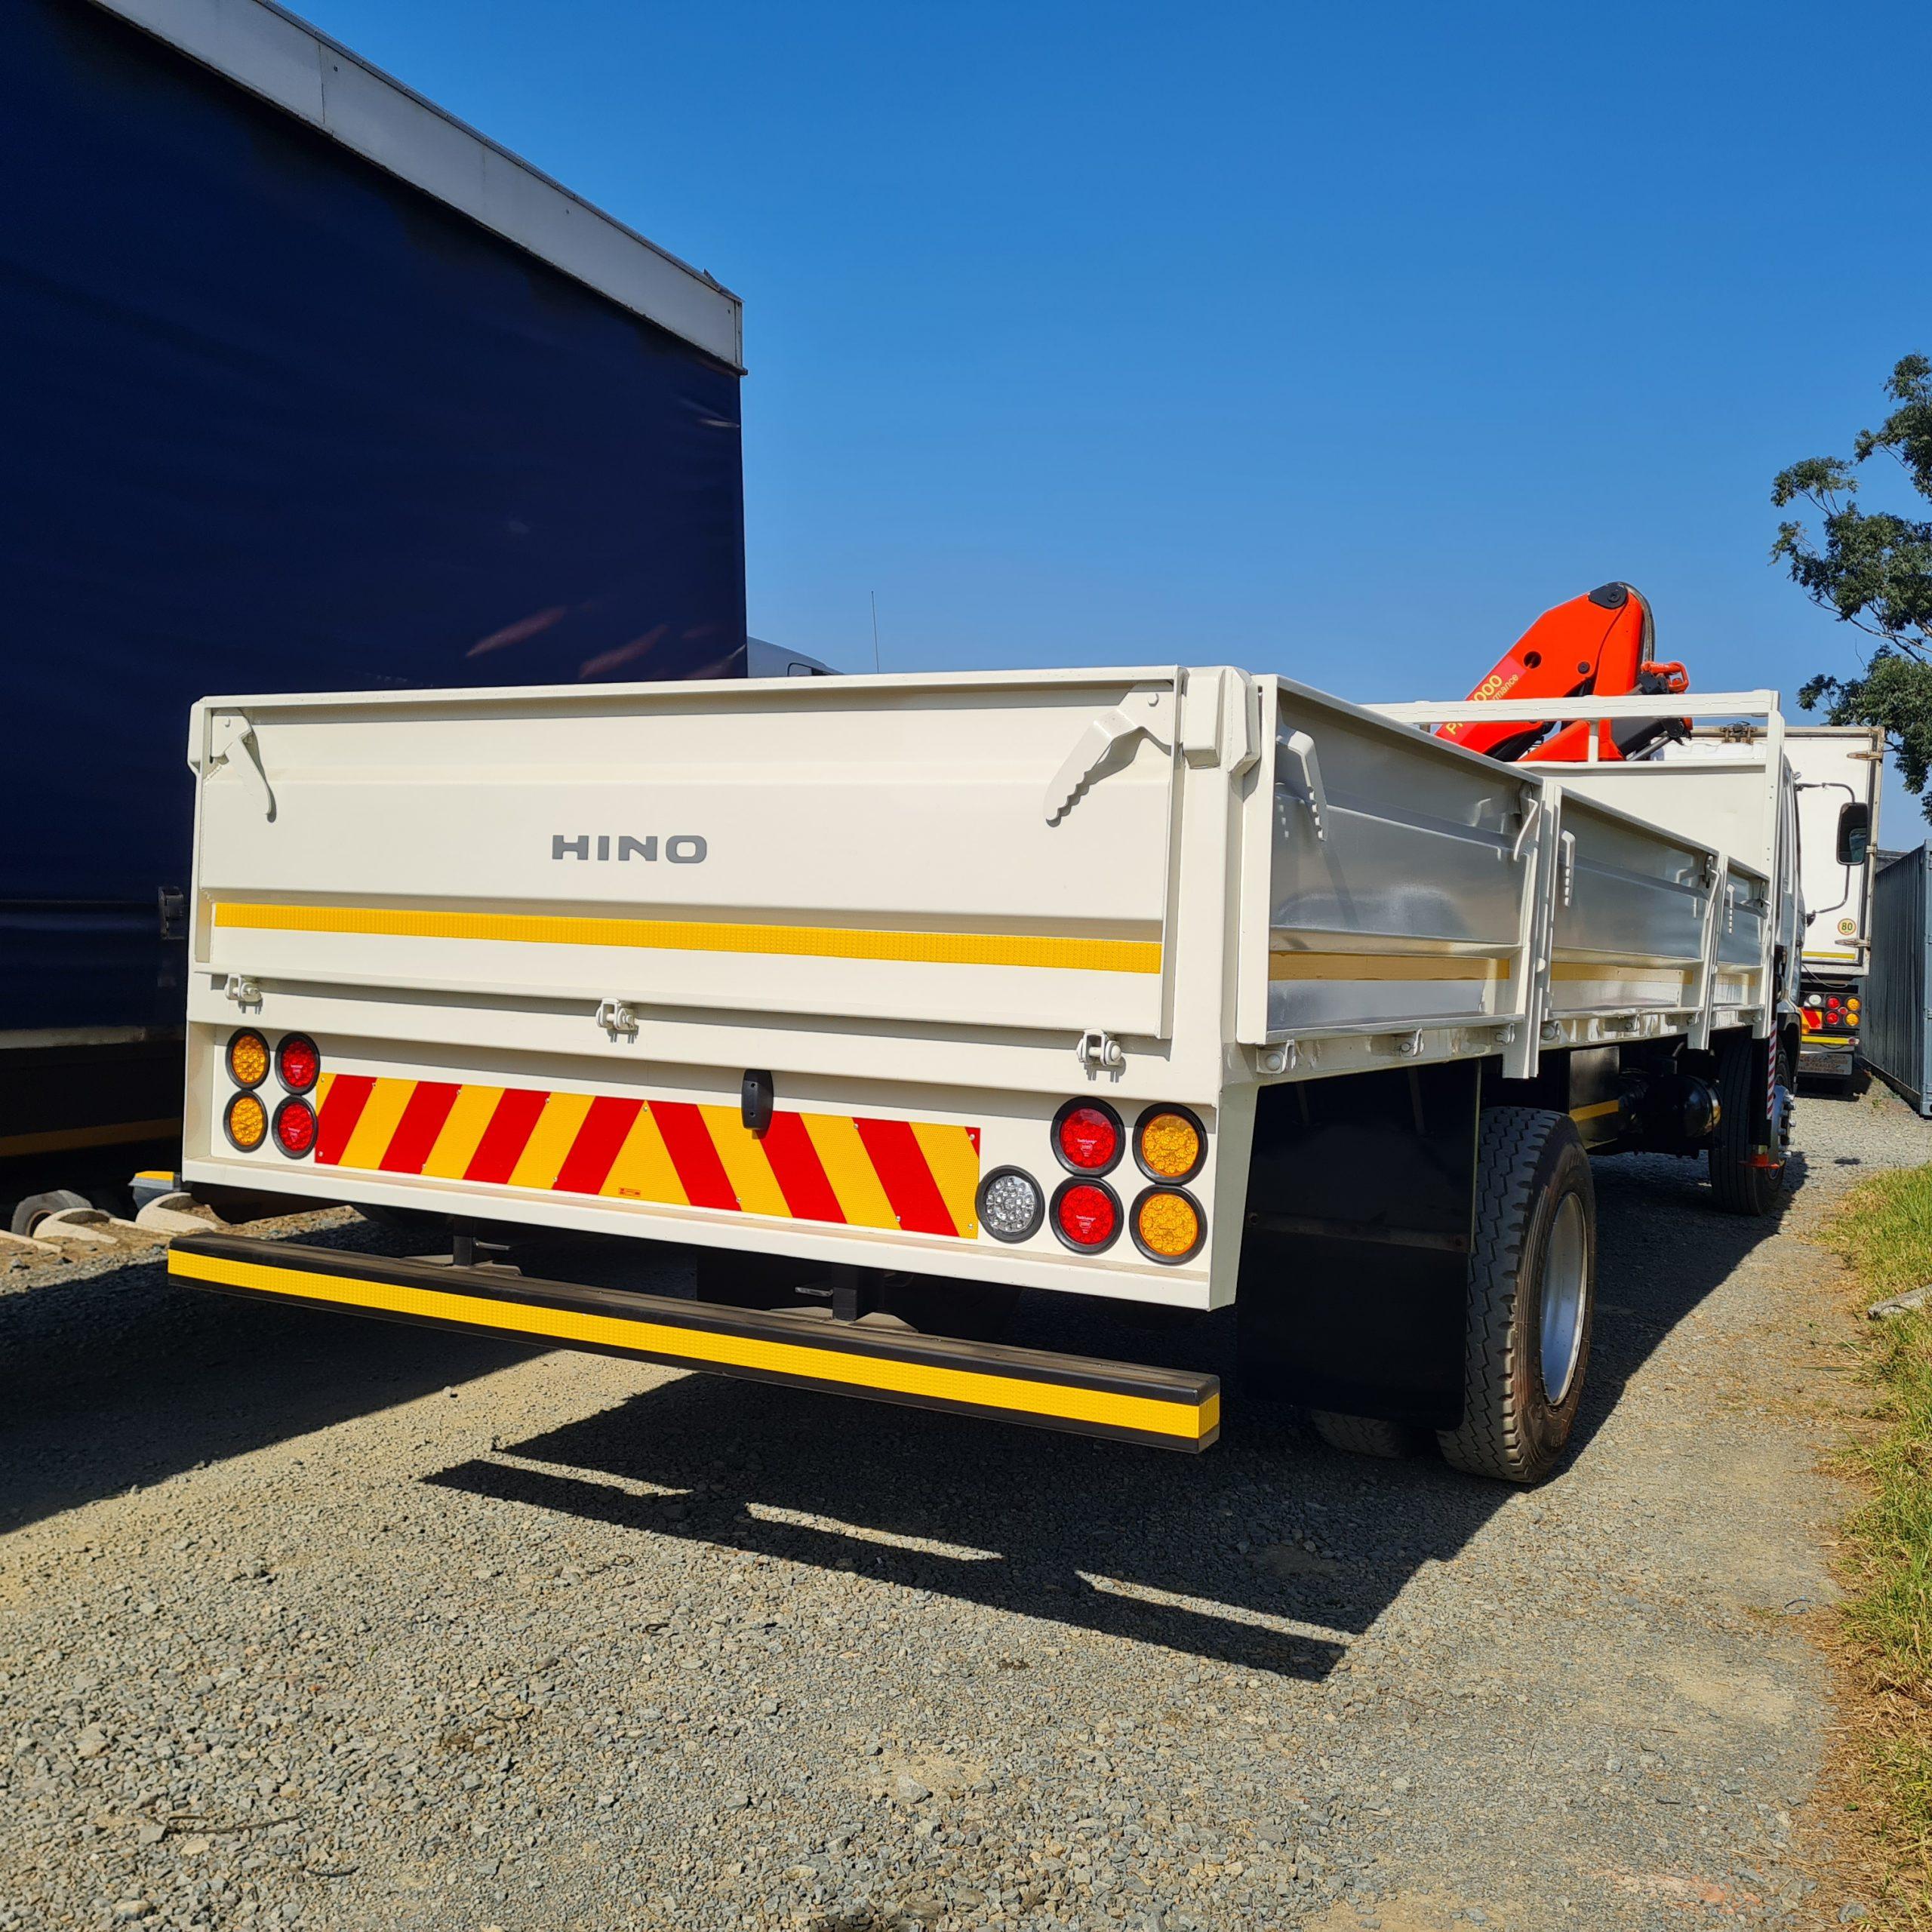 hino500-crane-truck-www.n2trucks.co.za